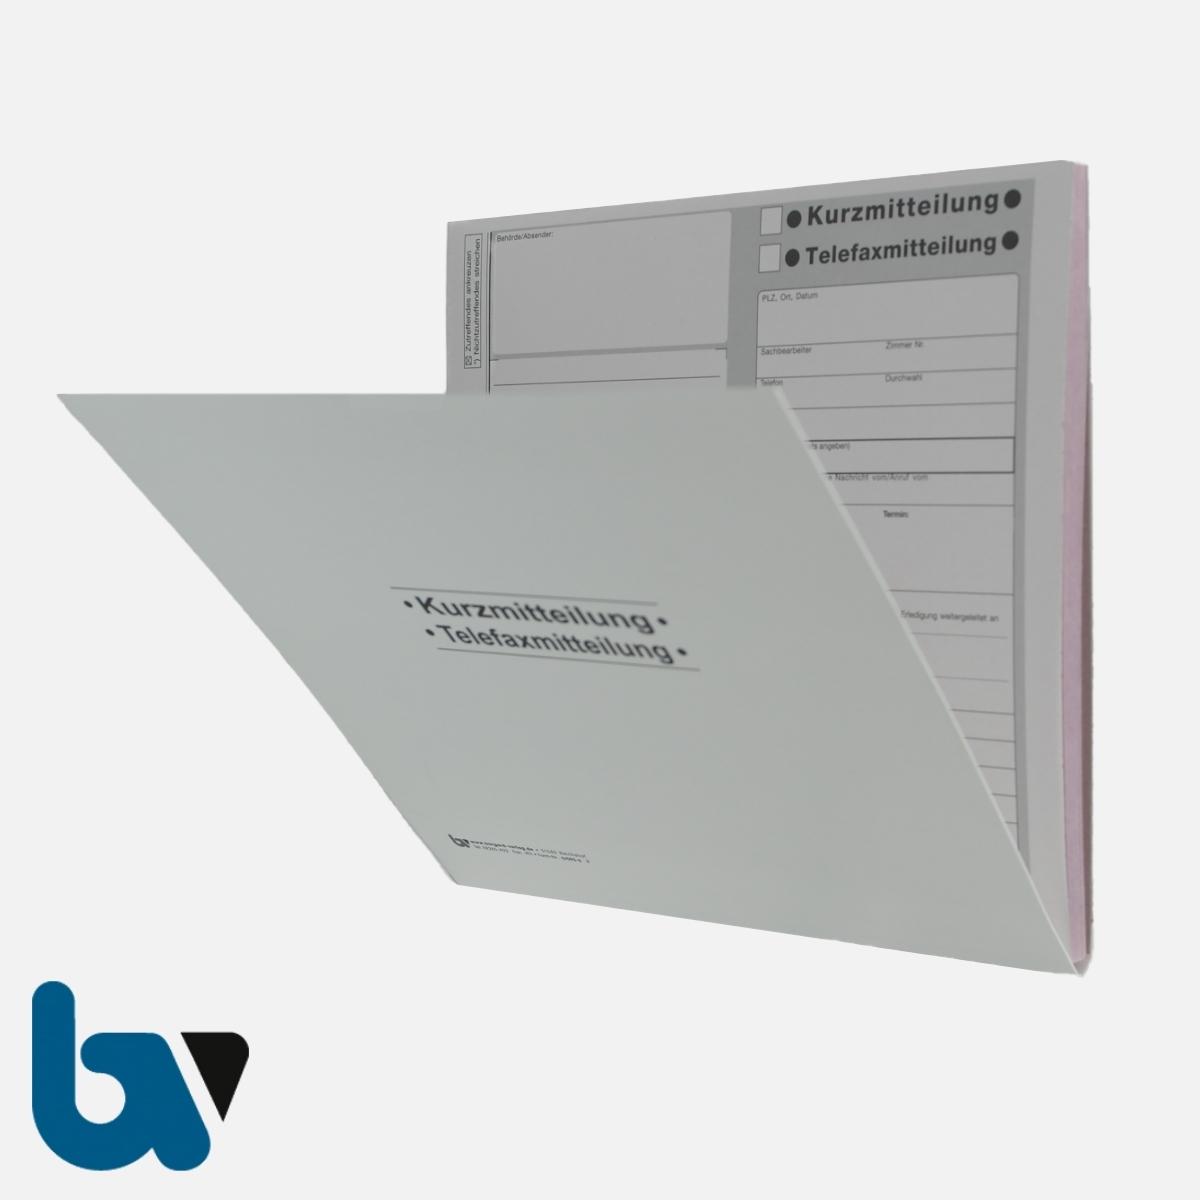 0/095-6 Kurzmitteilung Telefaxmitteilung selbstdurchschreibend Einschlagdeckel DIN 20 21 2-fach VS | Borgard Verlag GmbH